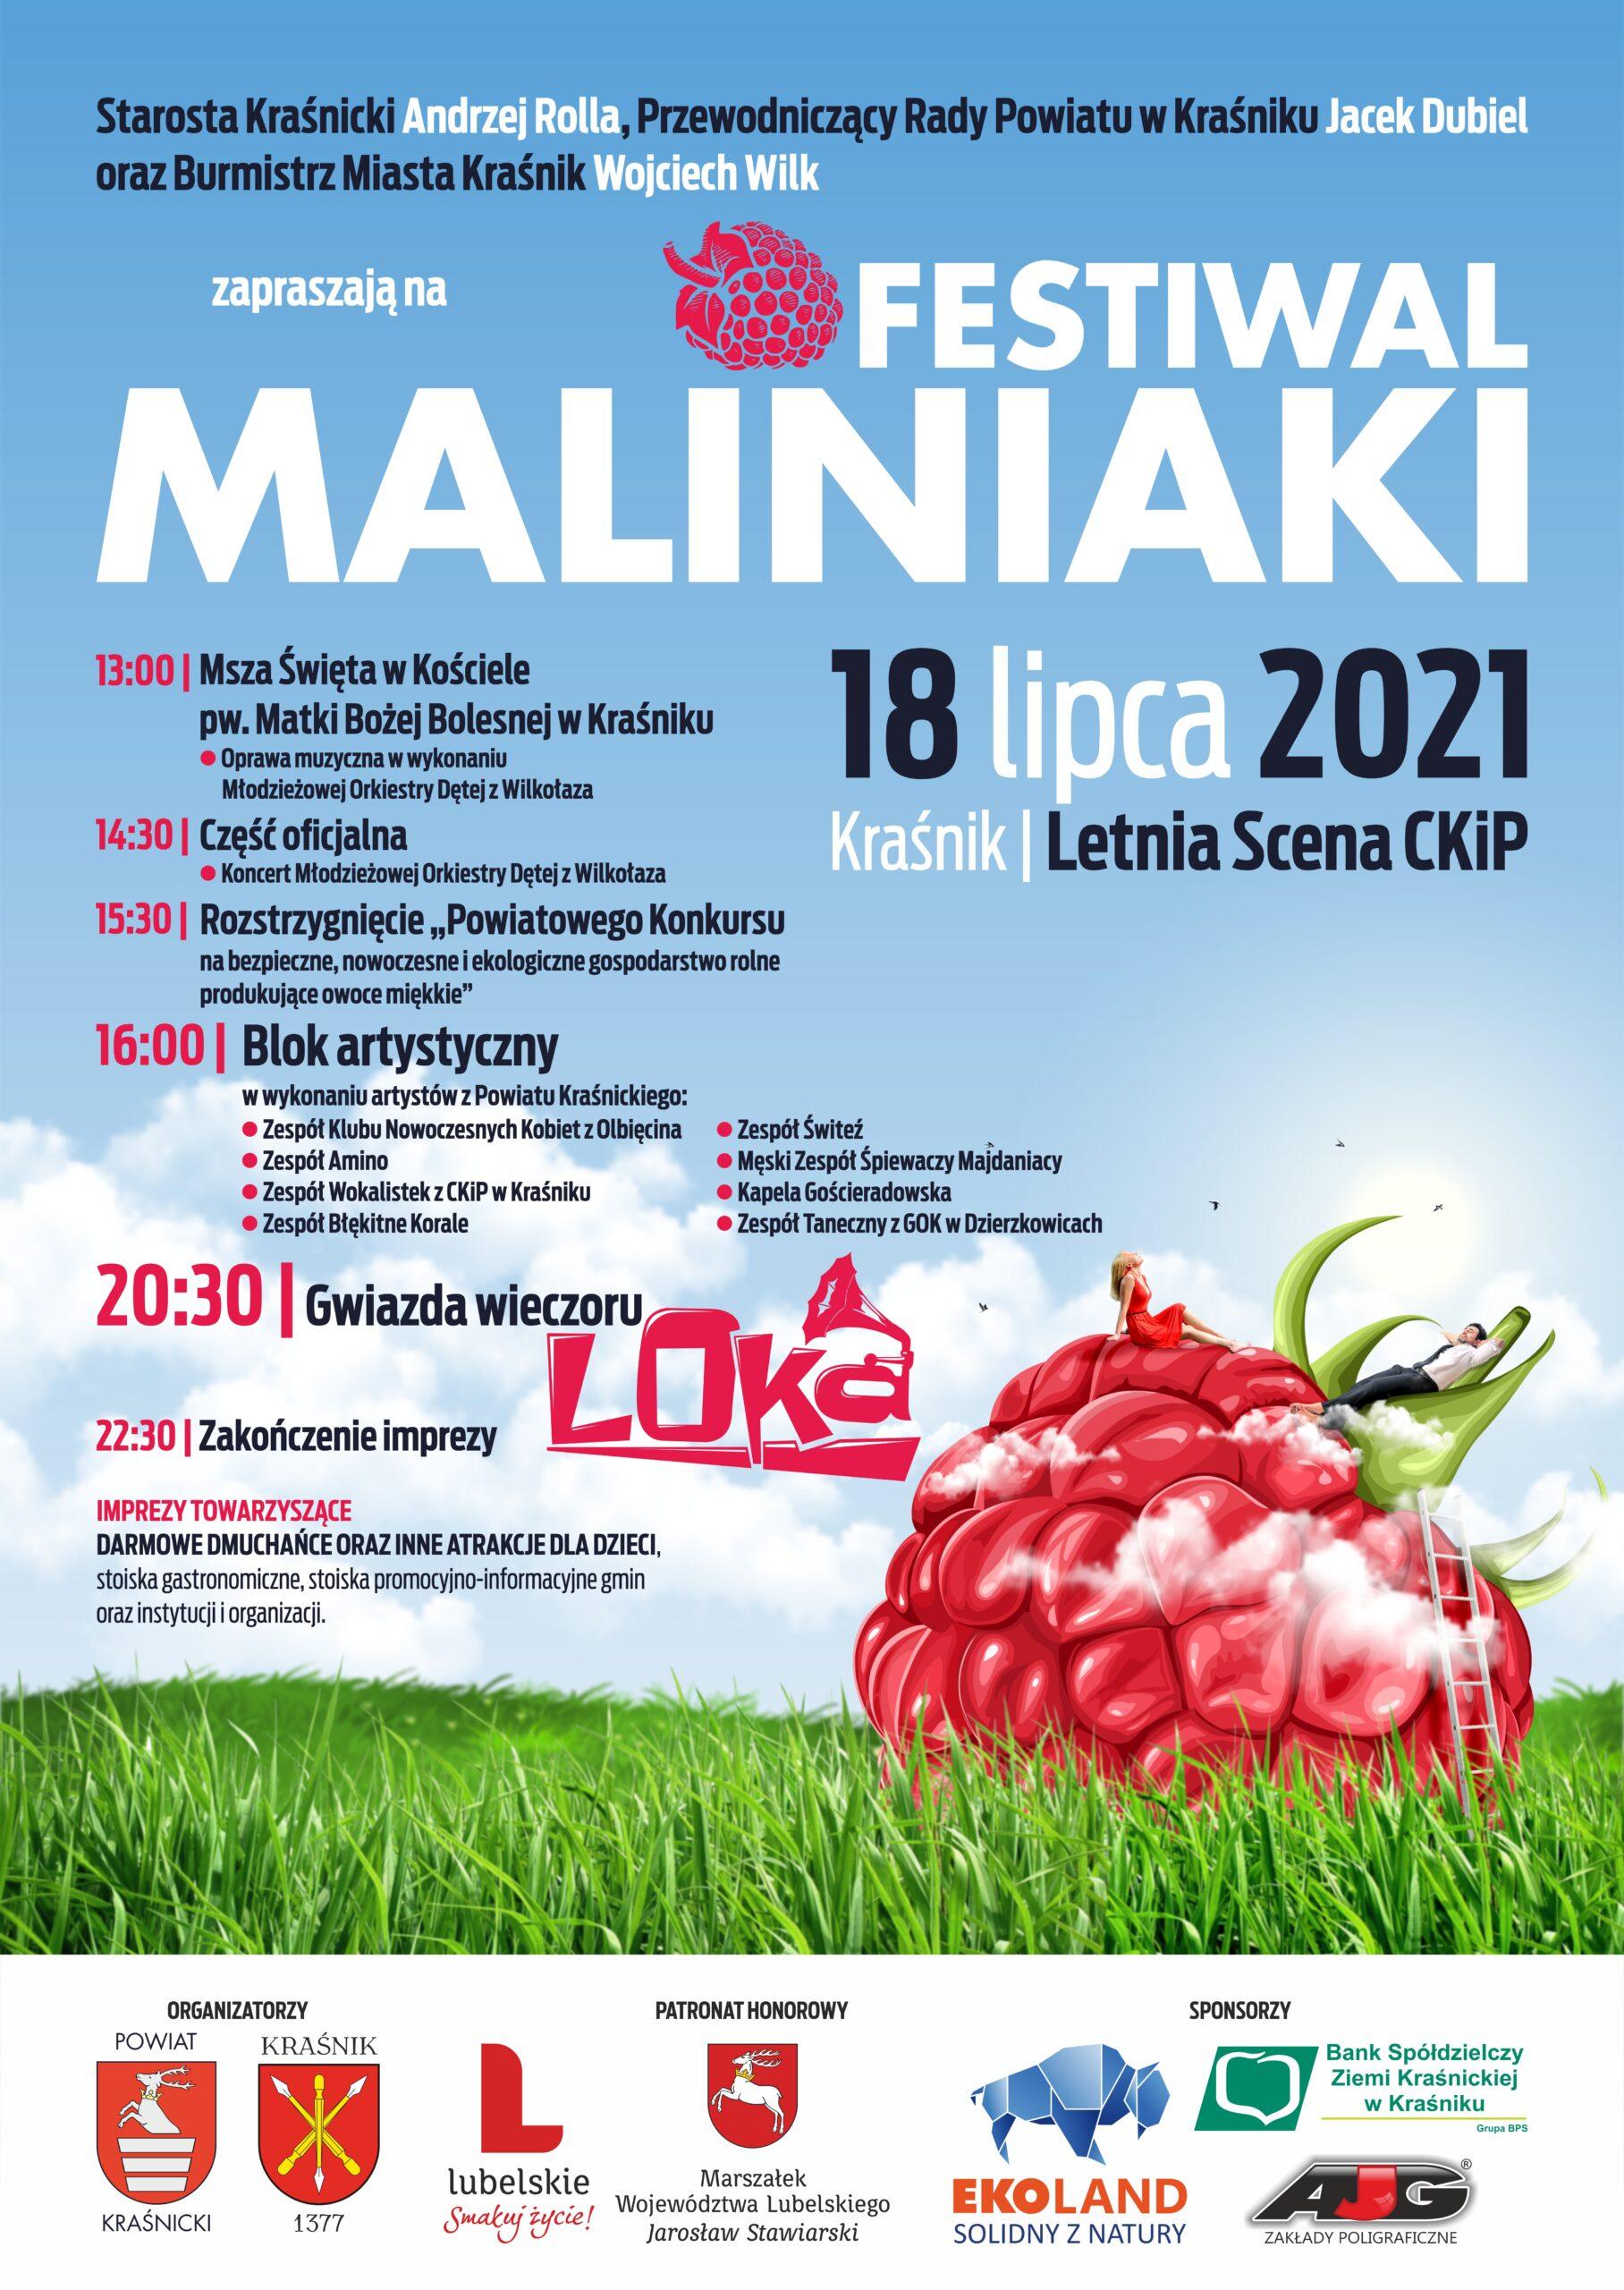 Festiwal Maliniaki 2021